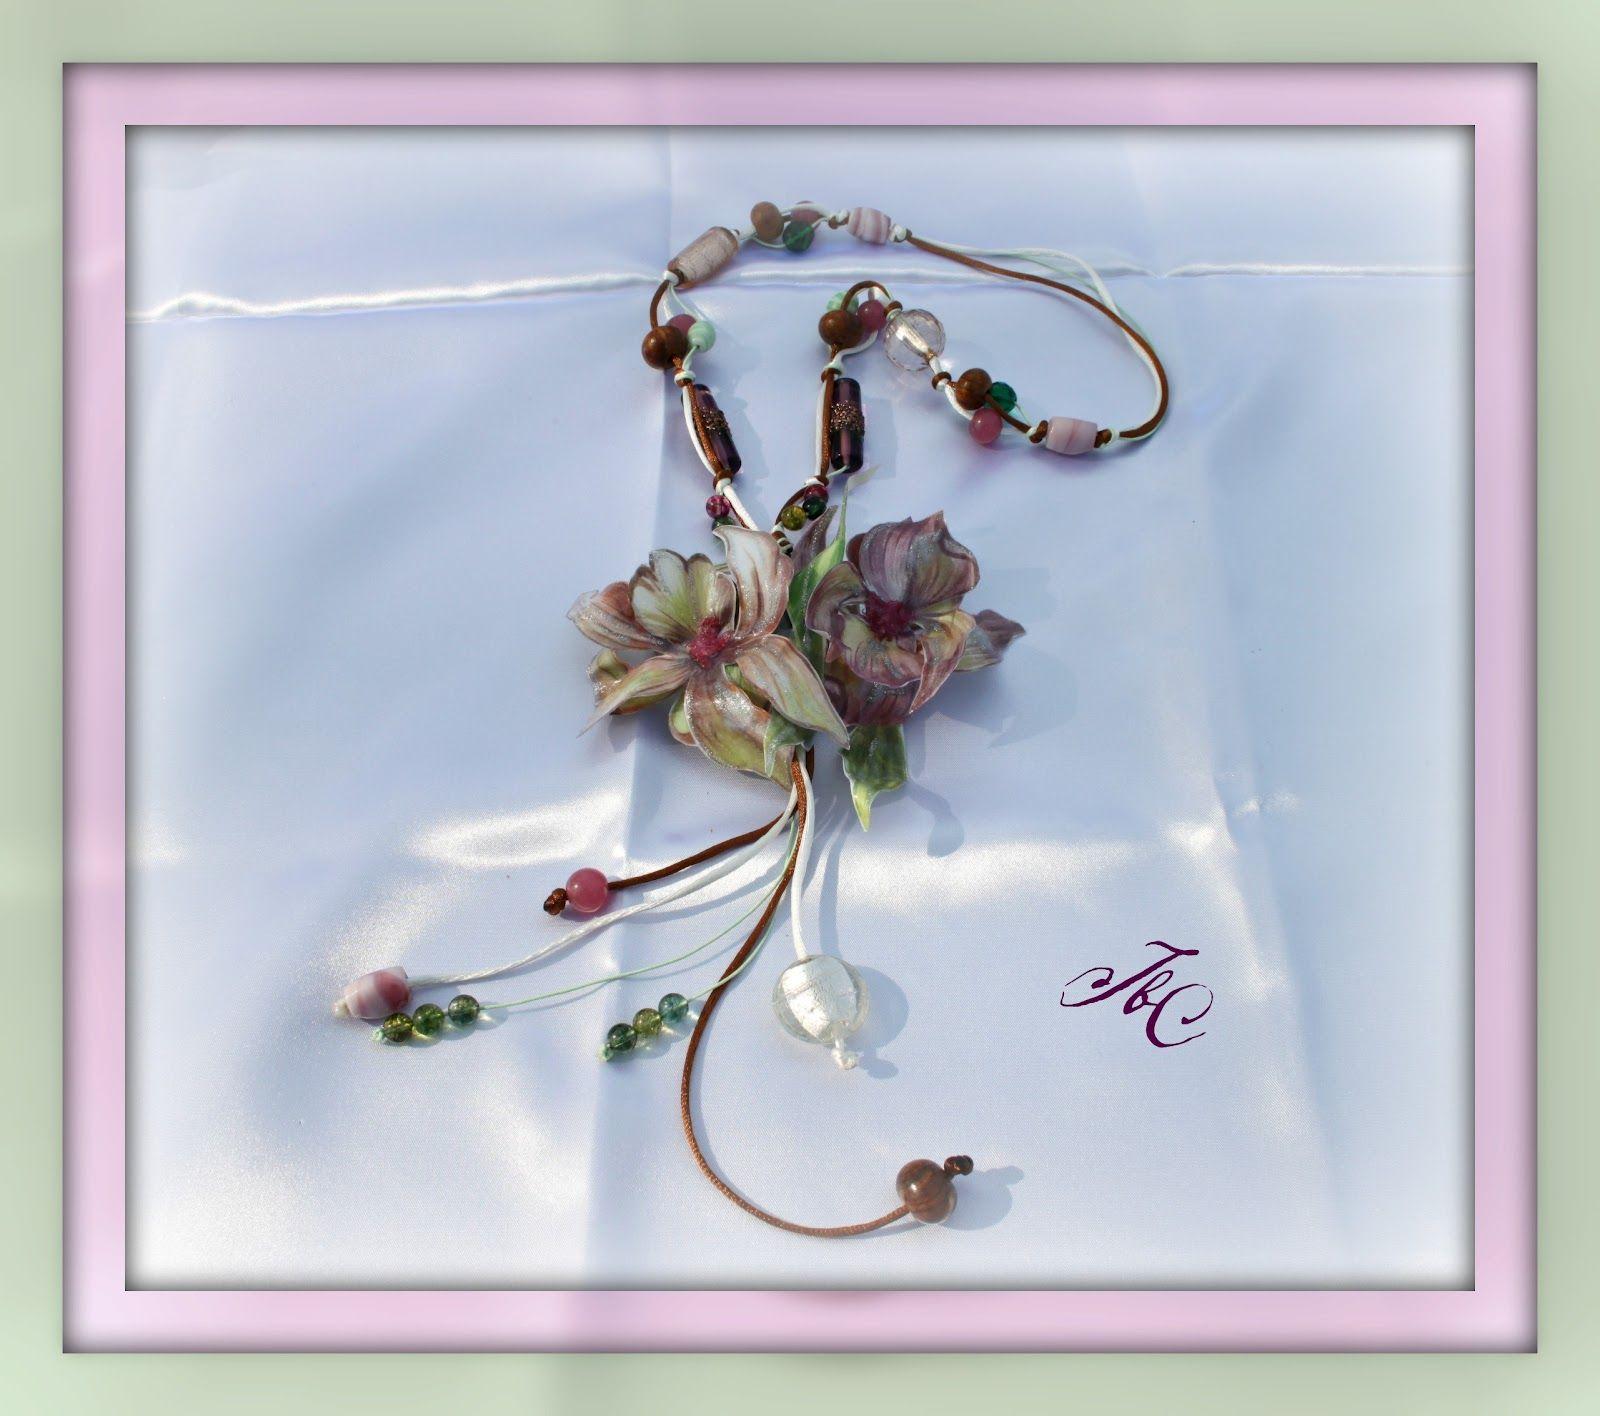 Collana con fili di raso, perle di vetro e fiore in ST.